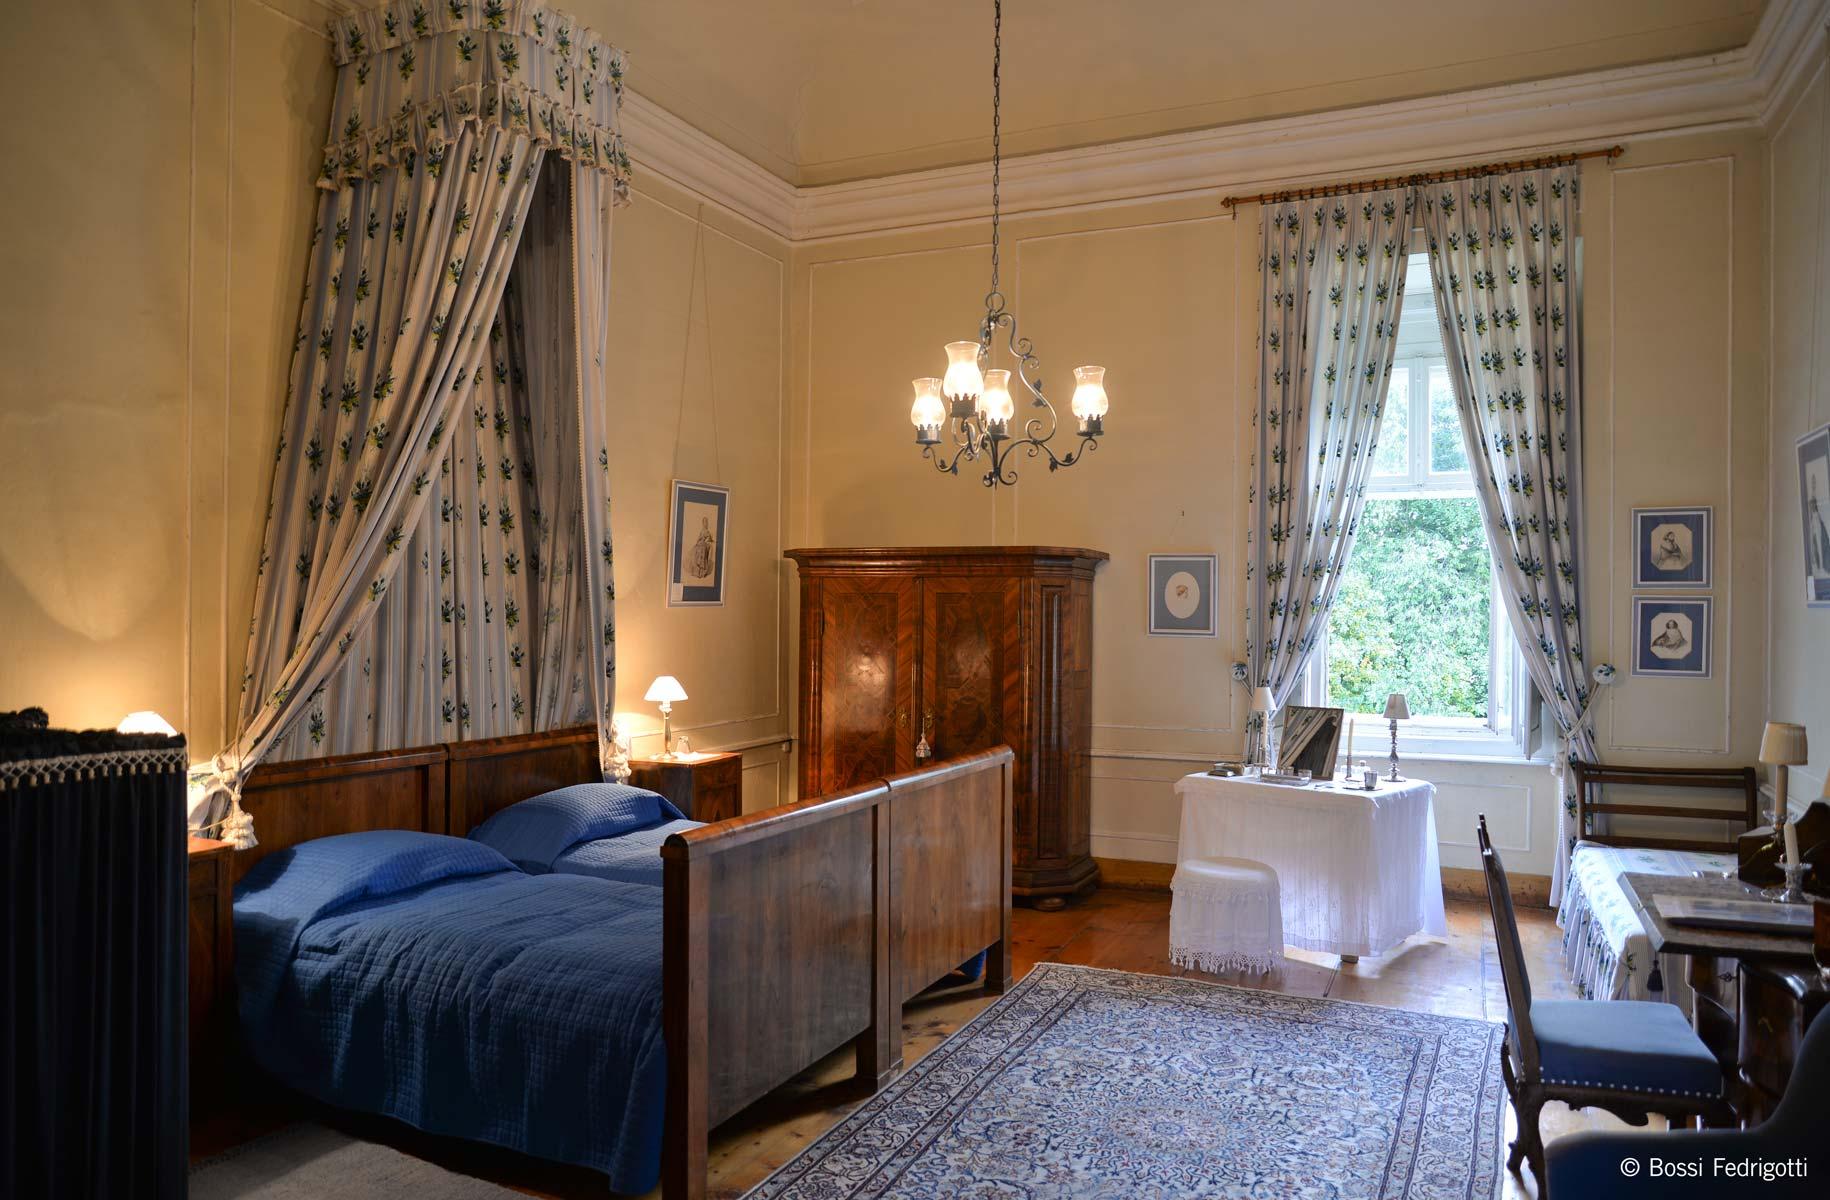 Blaues-Zimmer_277Bossi-Fedrigotti.jpg